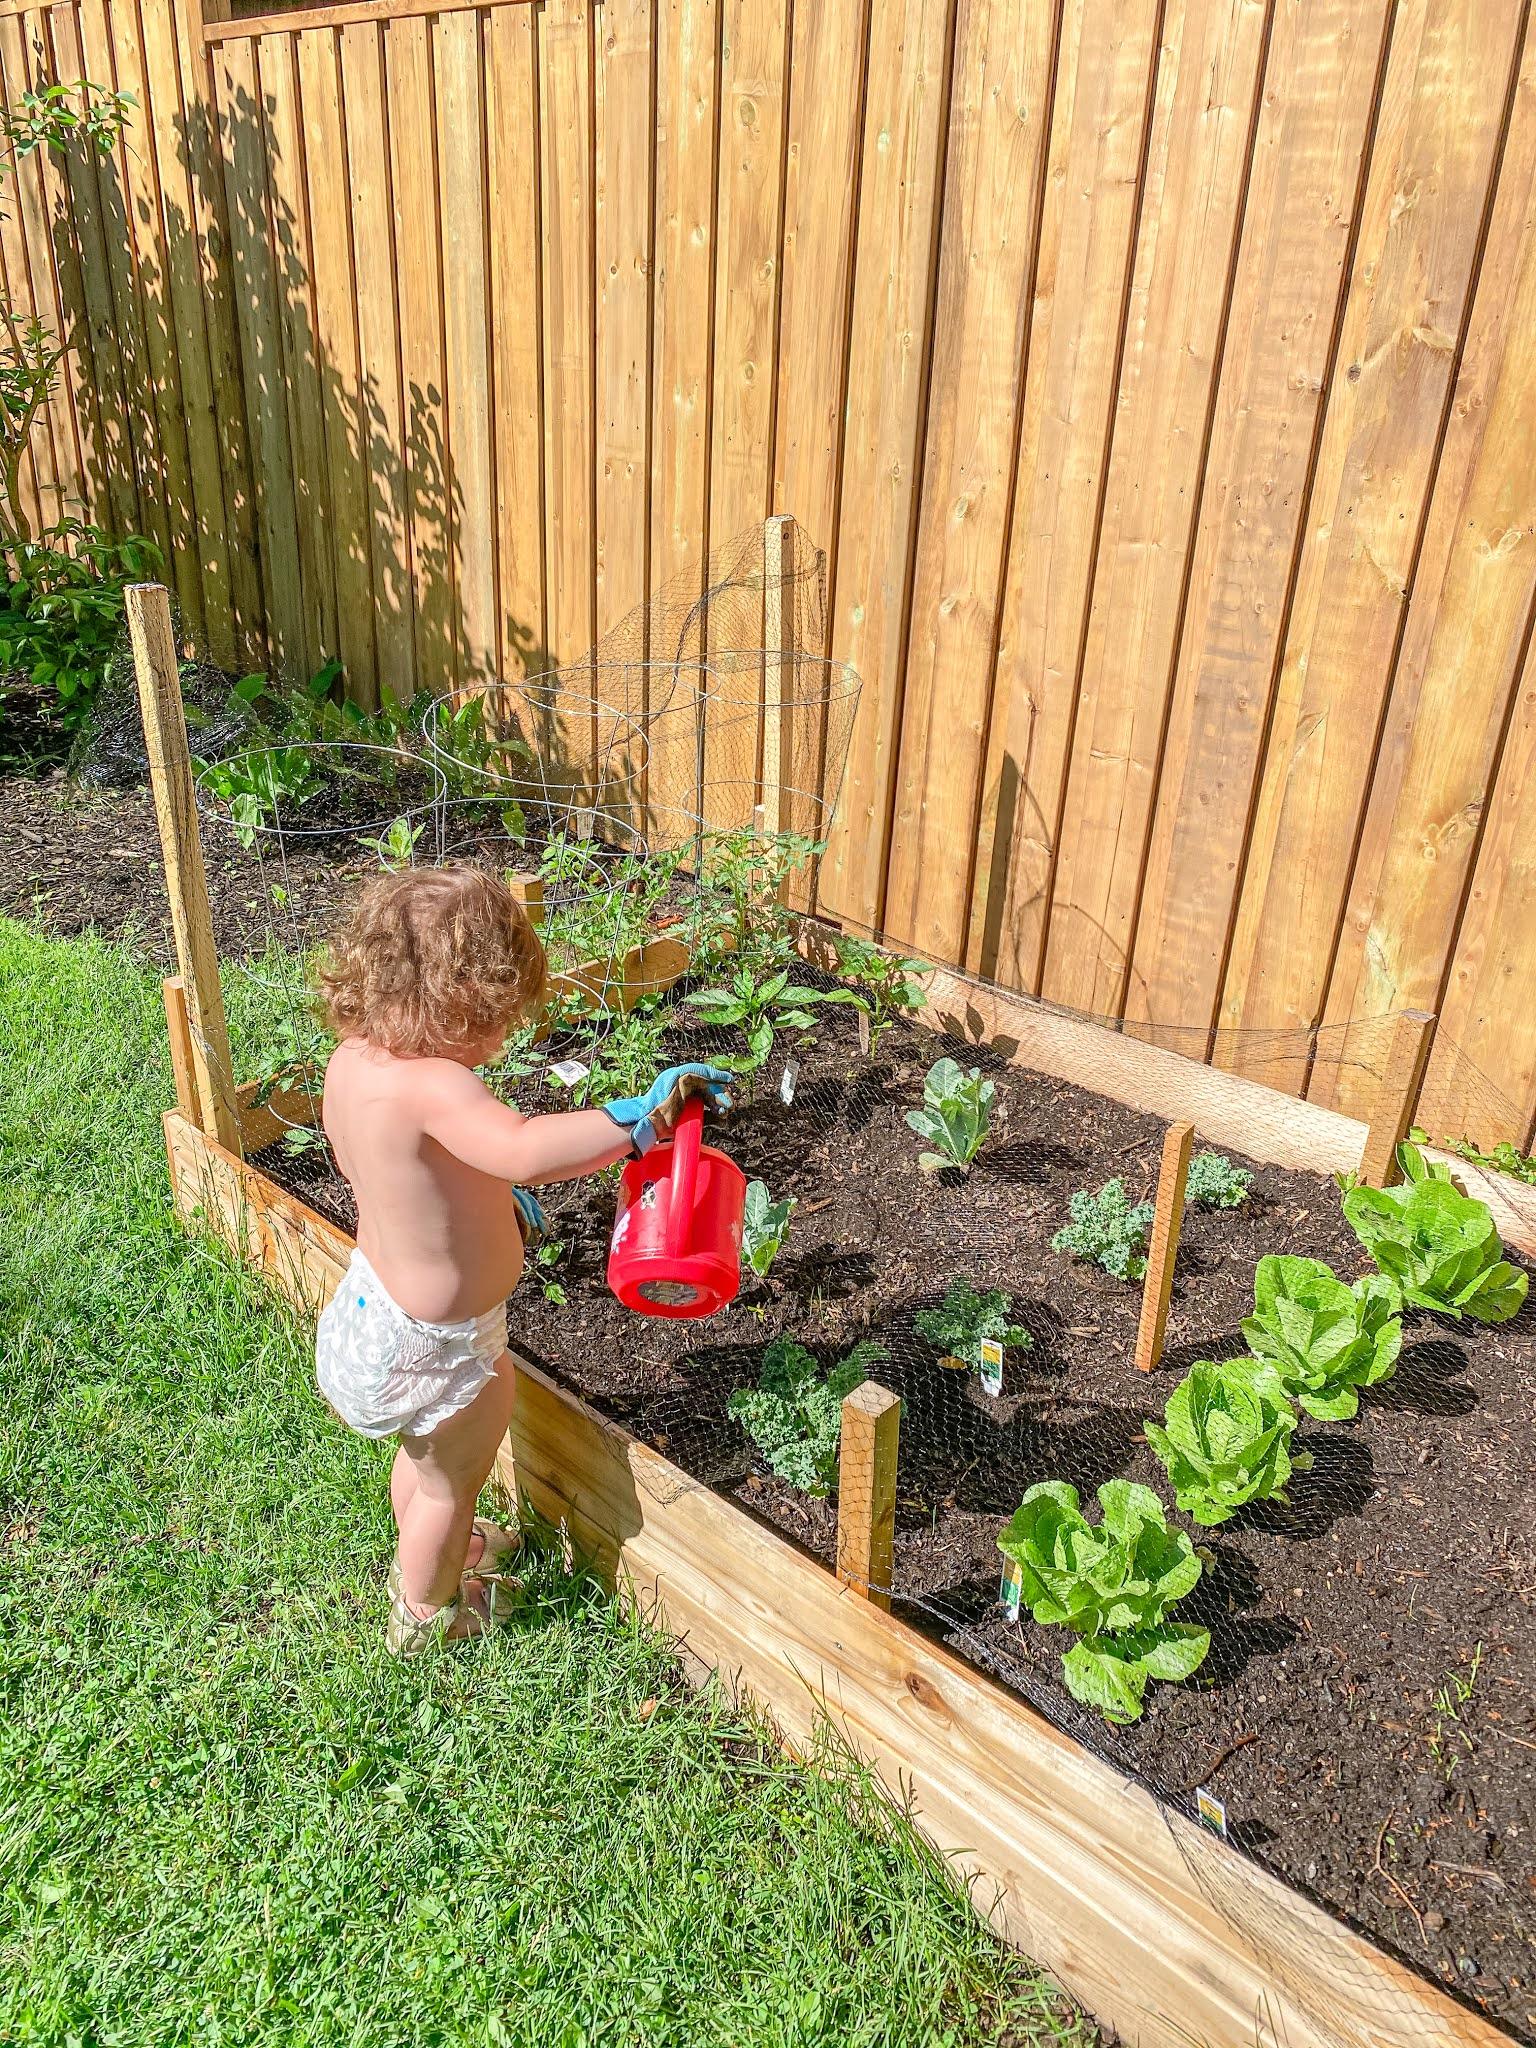 teaching kids about gardening